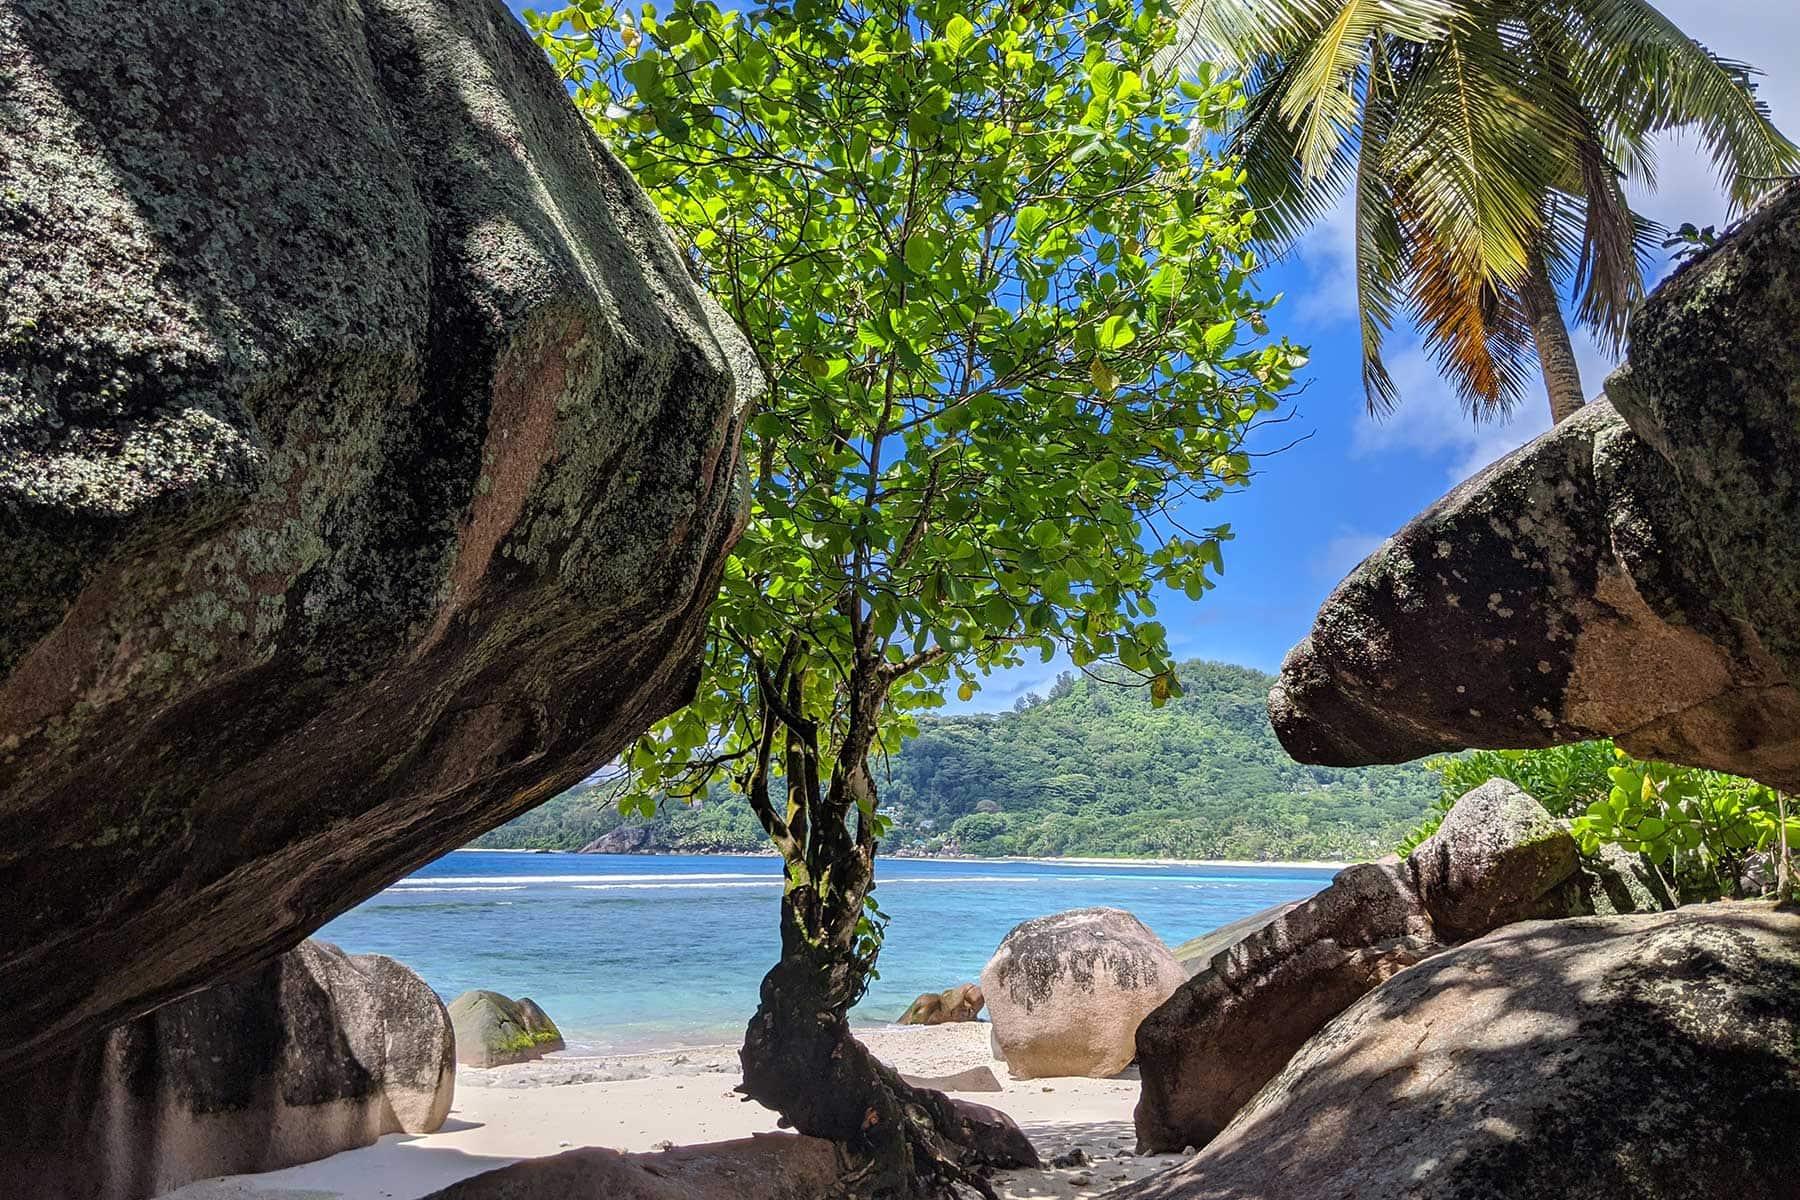 Skräddarsydda-resor-Seychellerna-granit-strand-Nygren-Lind-Resebyrå